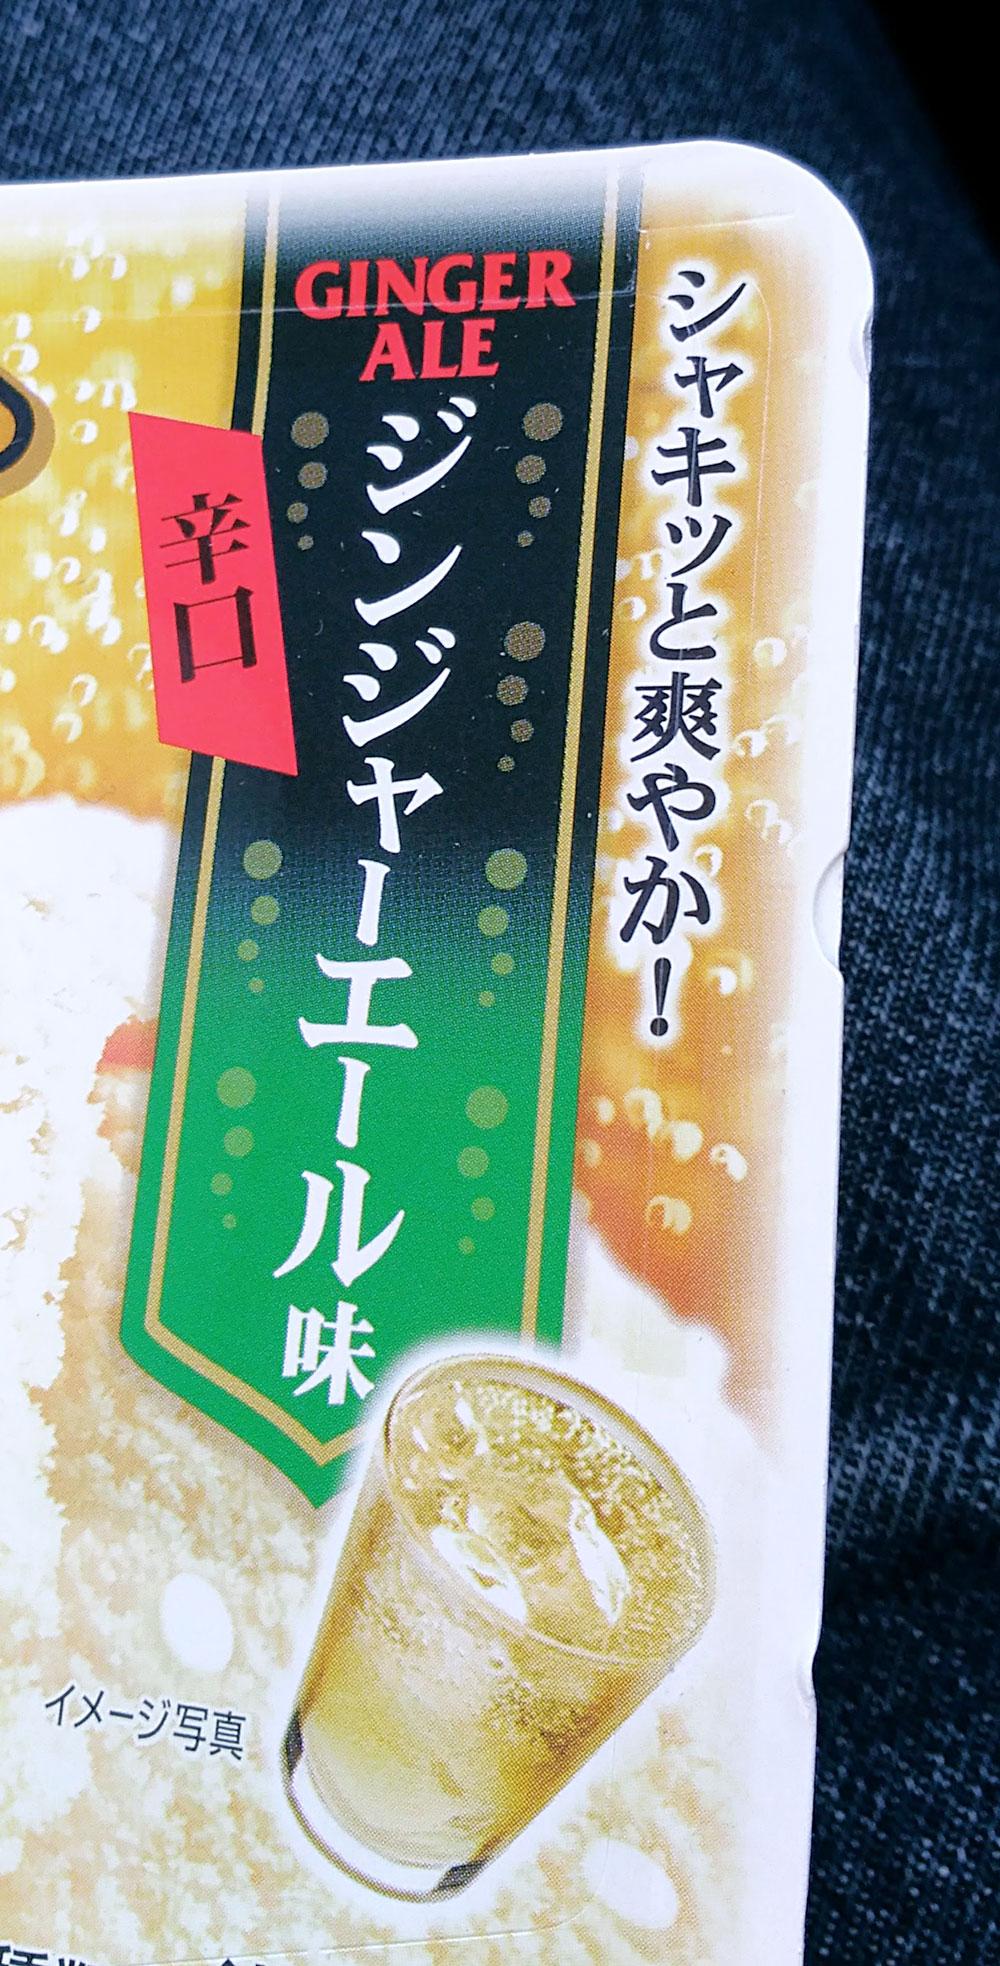 辛口ジンジャーエール味と書かれたパッケージ